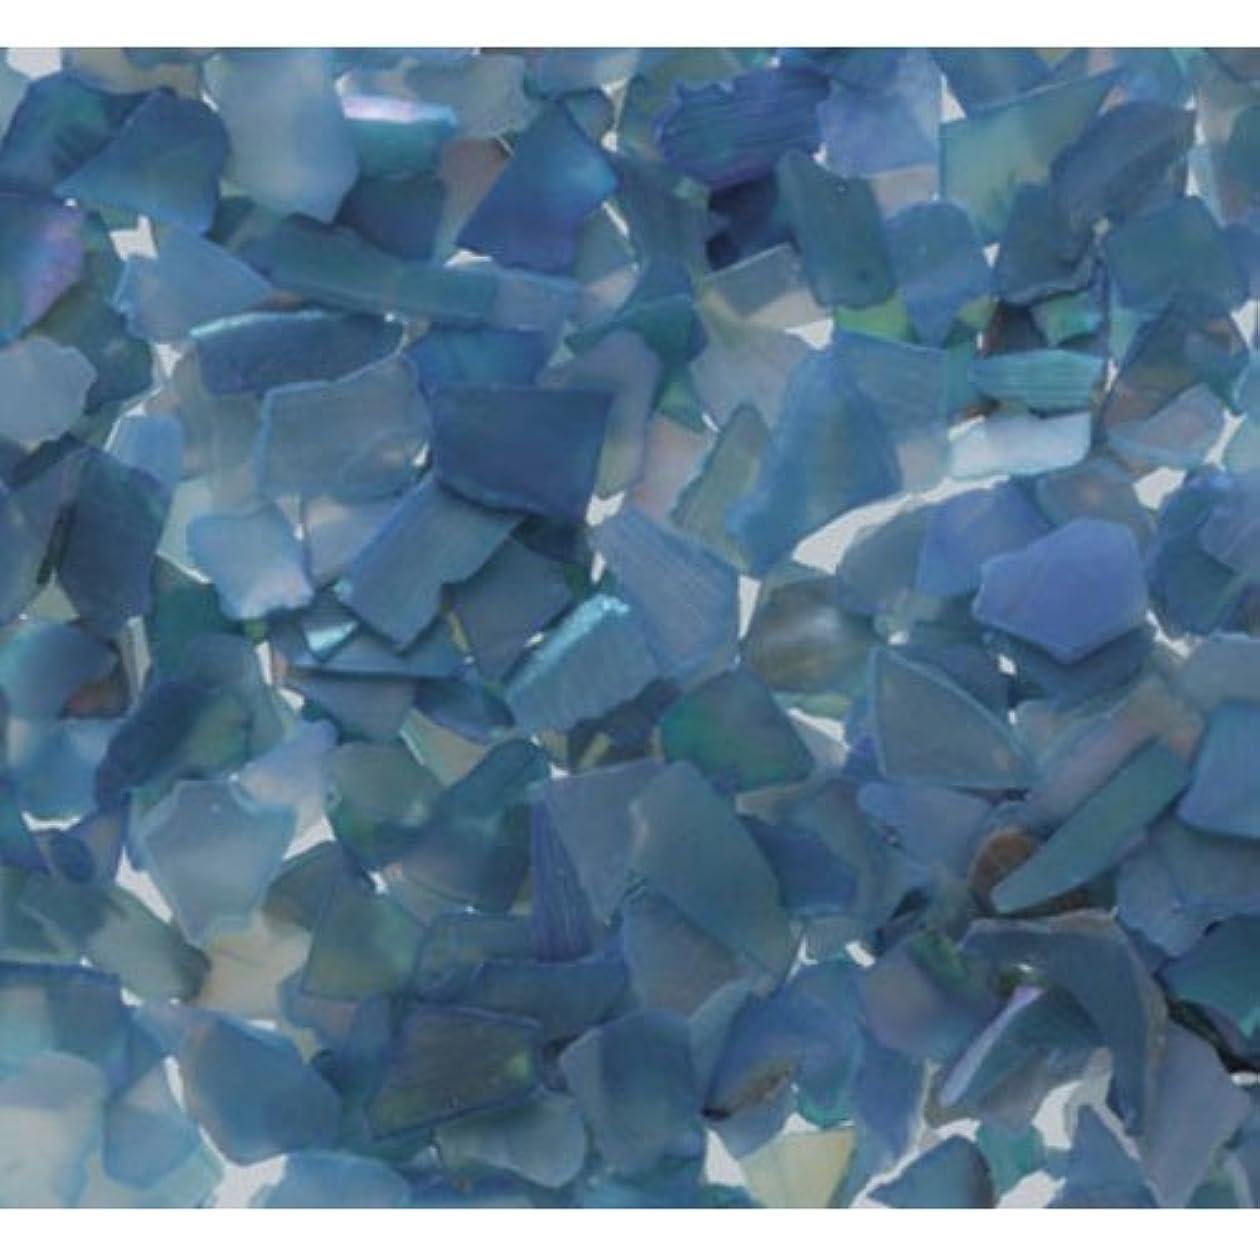 キャリアラベルエステートピカエース ネイル用パウダー シェルグレイン M #327 ブルー 1g